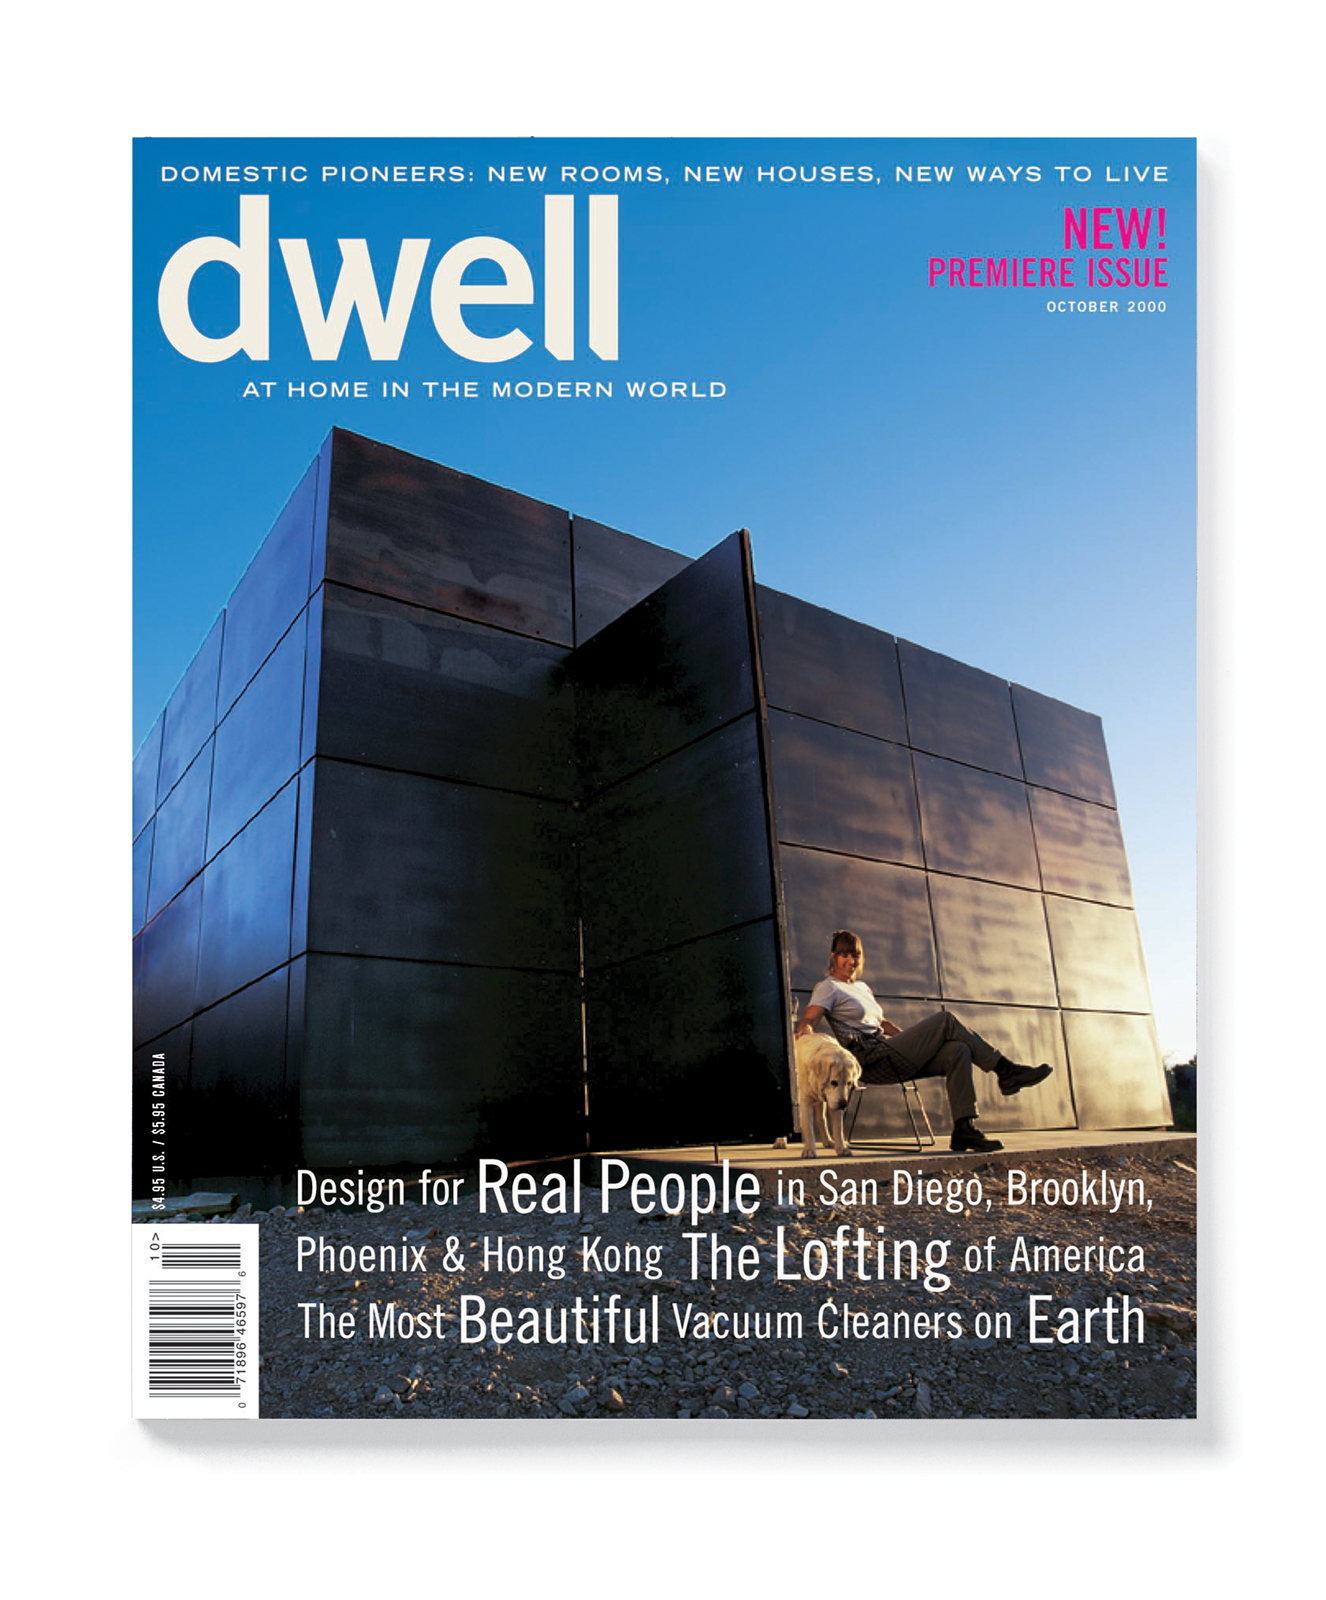 dwellings redux